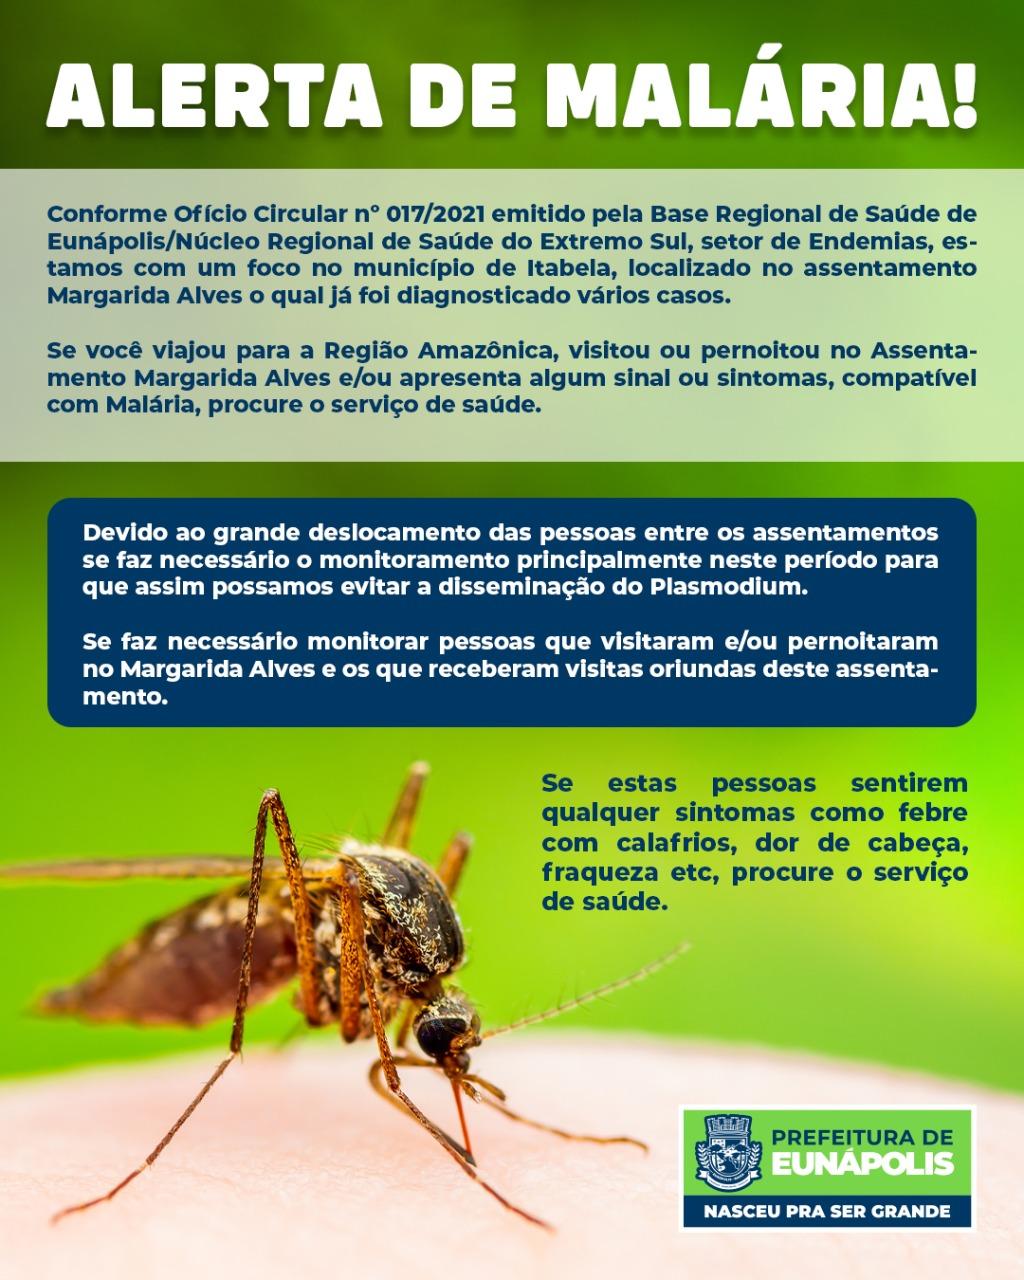 Prefeitura de Eunápolis reforça alerta à população sobre aumento de casos de malária na região 16